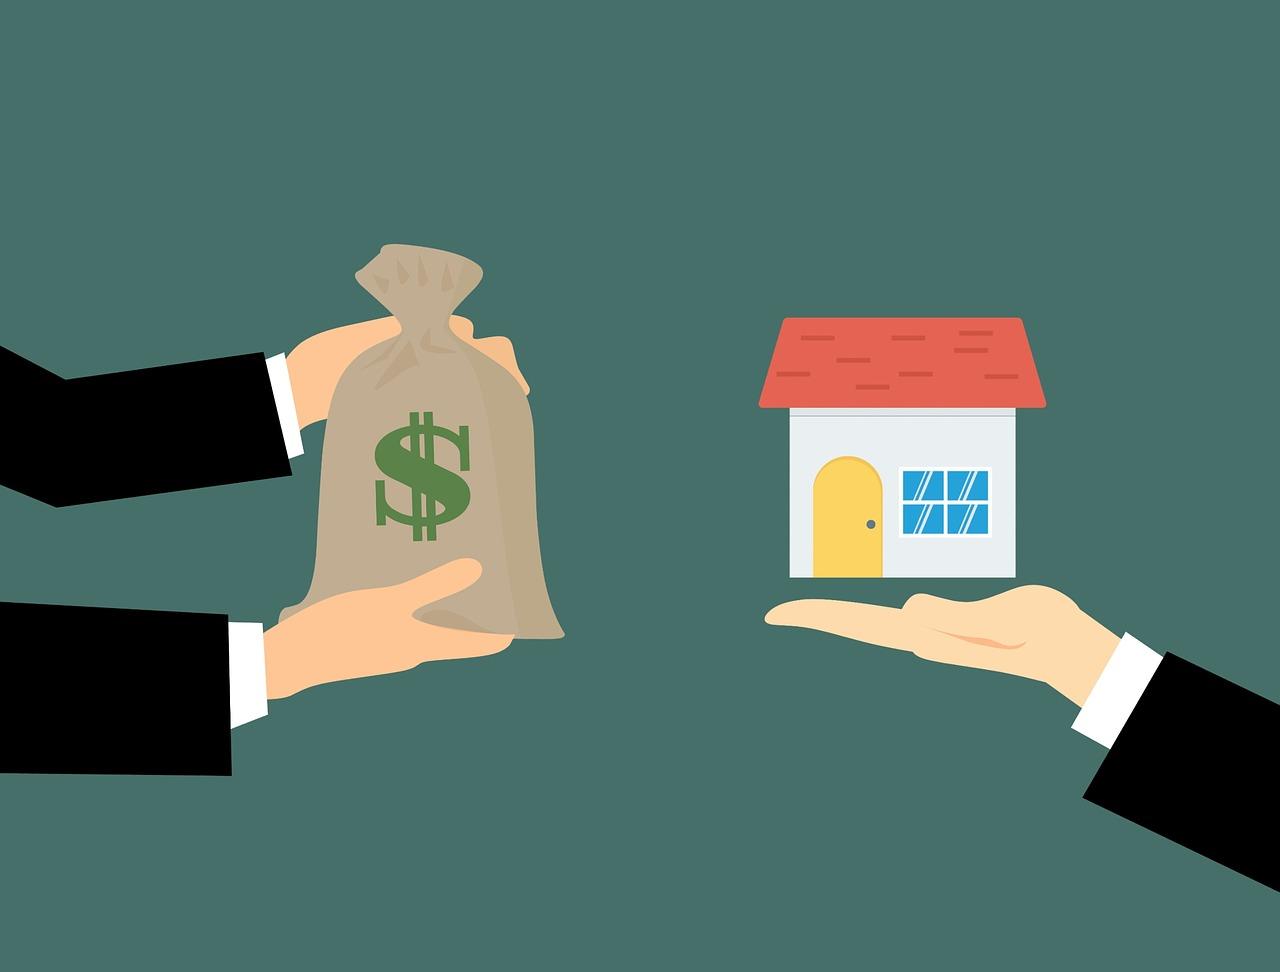 Investir dans une location saisonnière - investissement immobilier